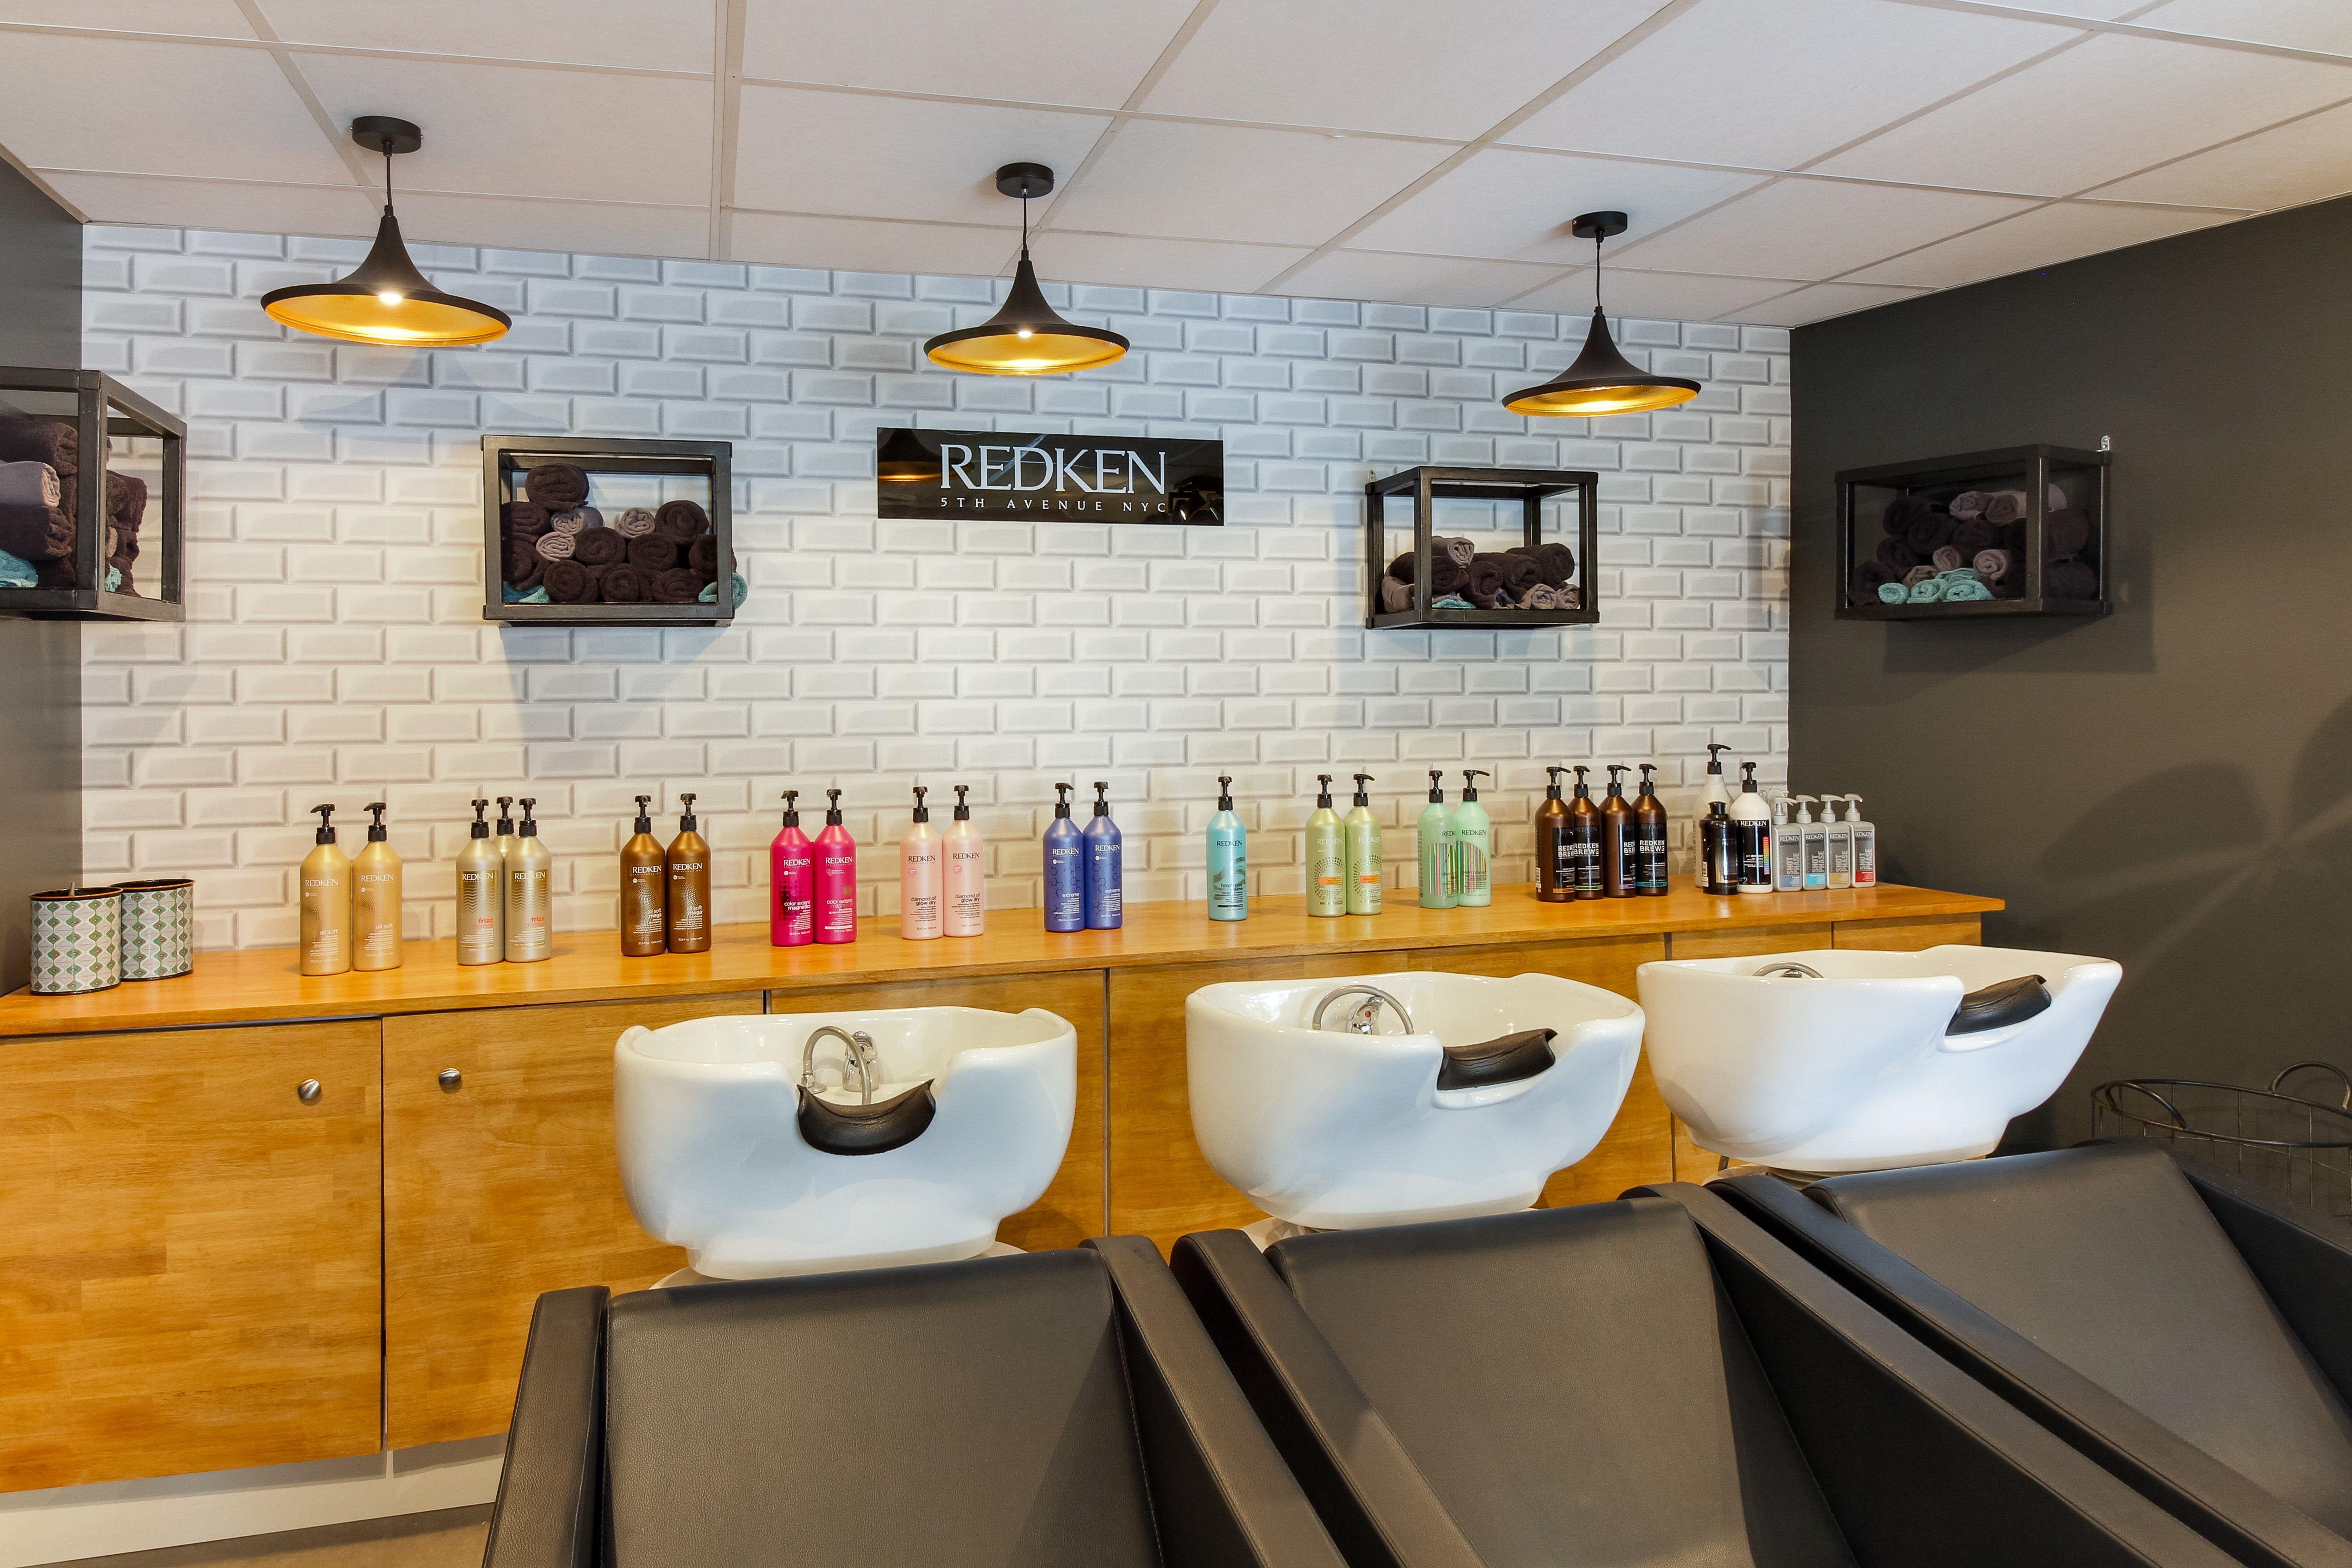 Espace Shampoing Koziel Salon De Coiffure Maison